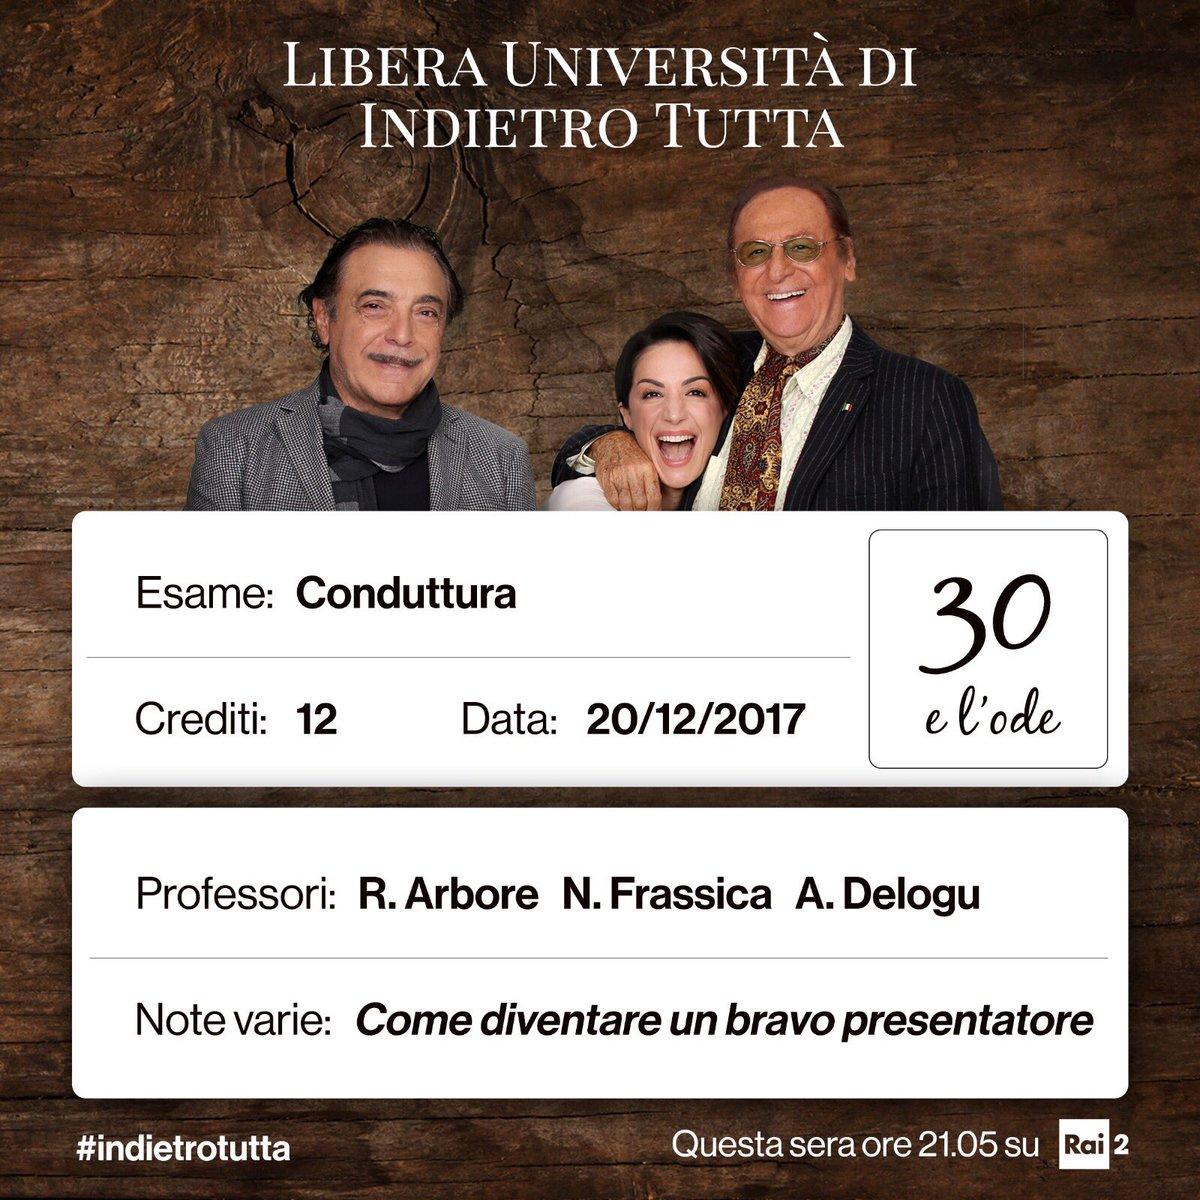 LIVEBLOGGING 20 DICEMBRE 2017 INDIETRO TUTTA